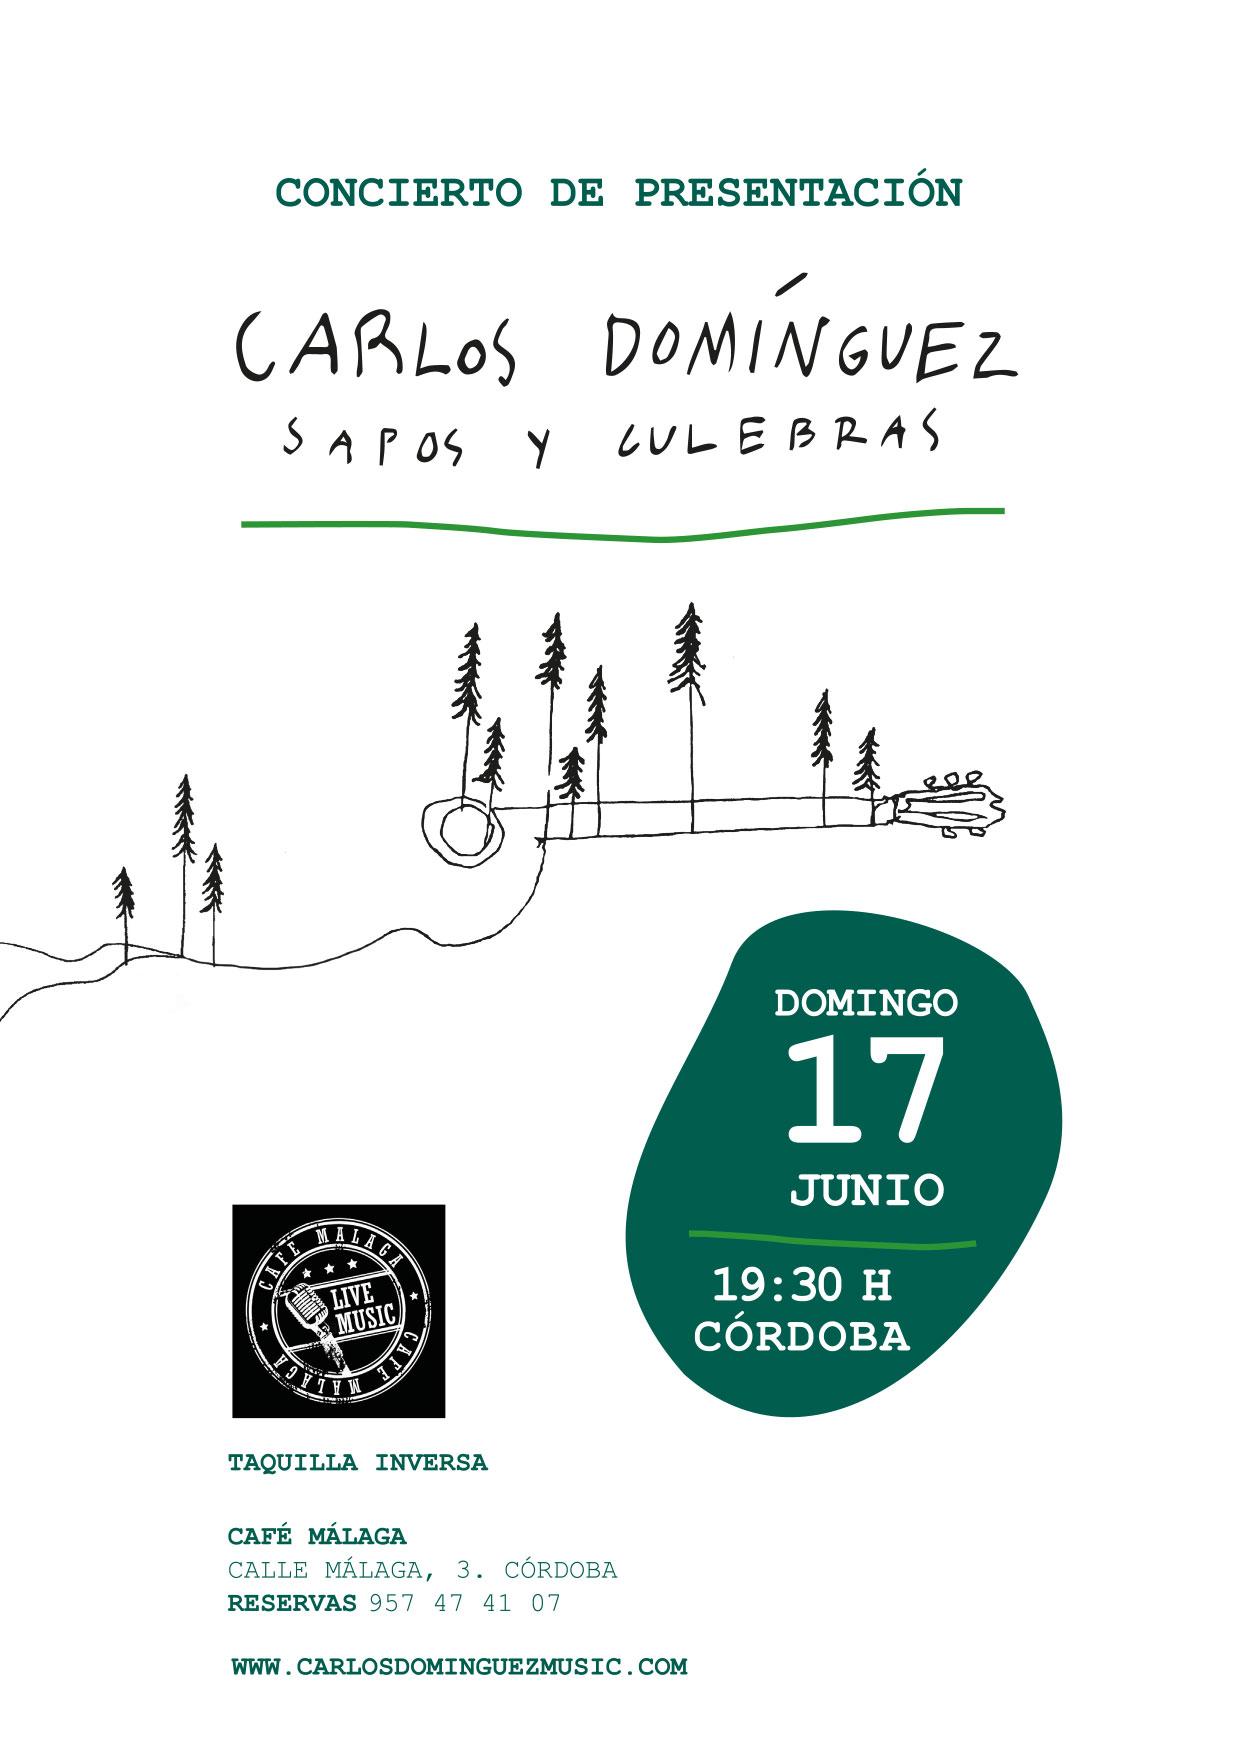 Cartel-CafeMalaga-Cordoba-17jun.jpg